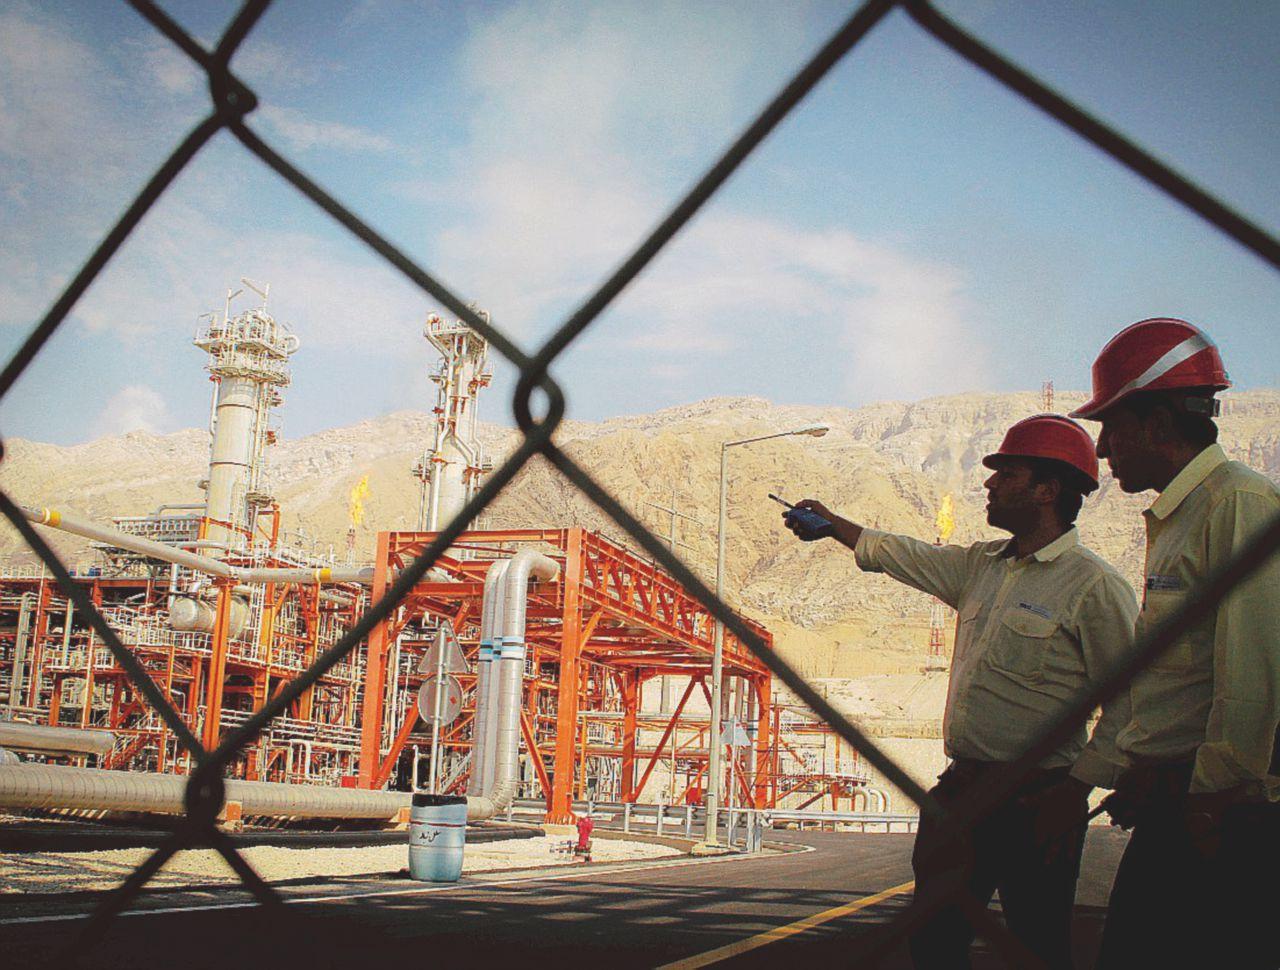 Arabia saudita e qatar la posta in gioco pi che il for La capitale dell arabia saudita